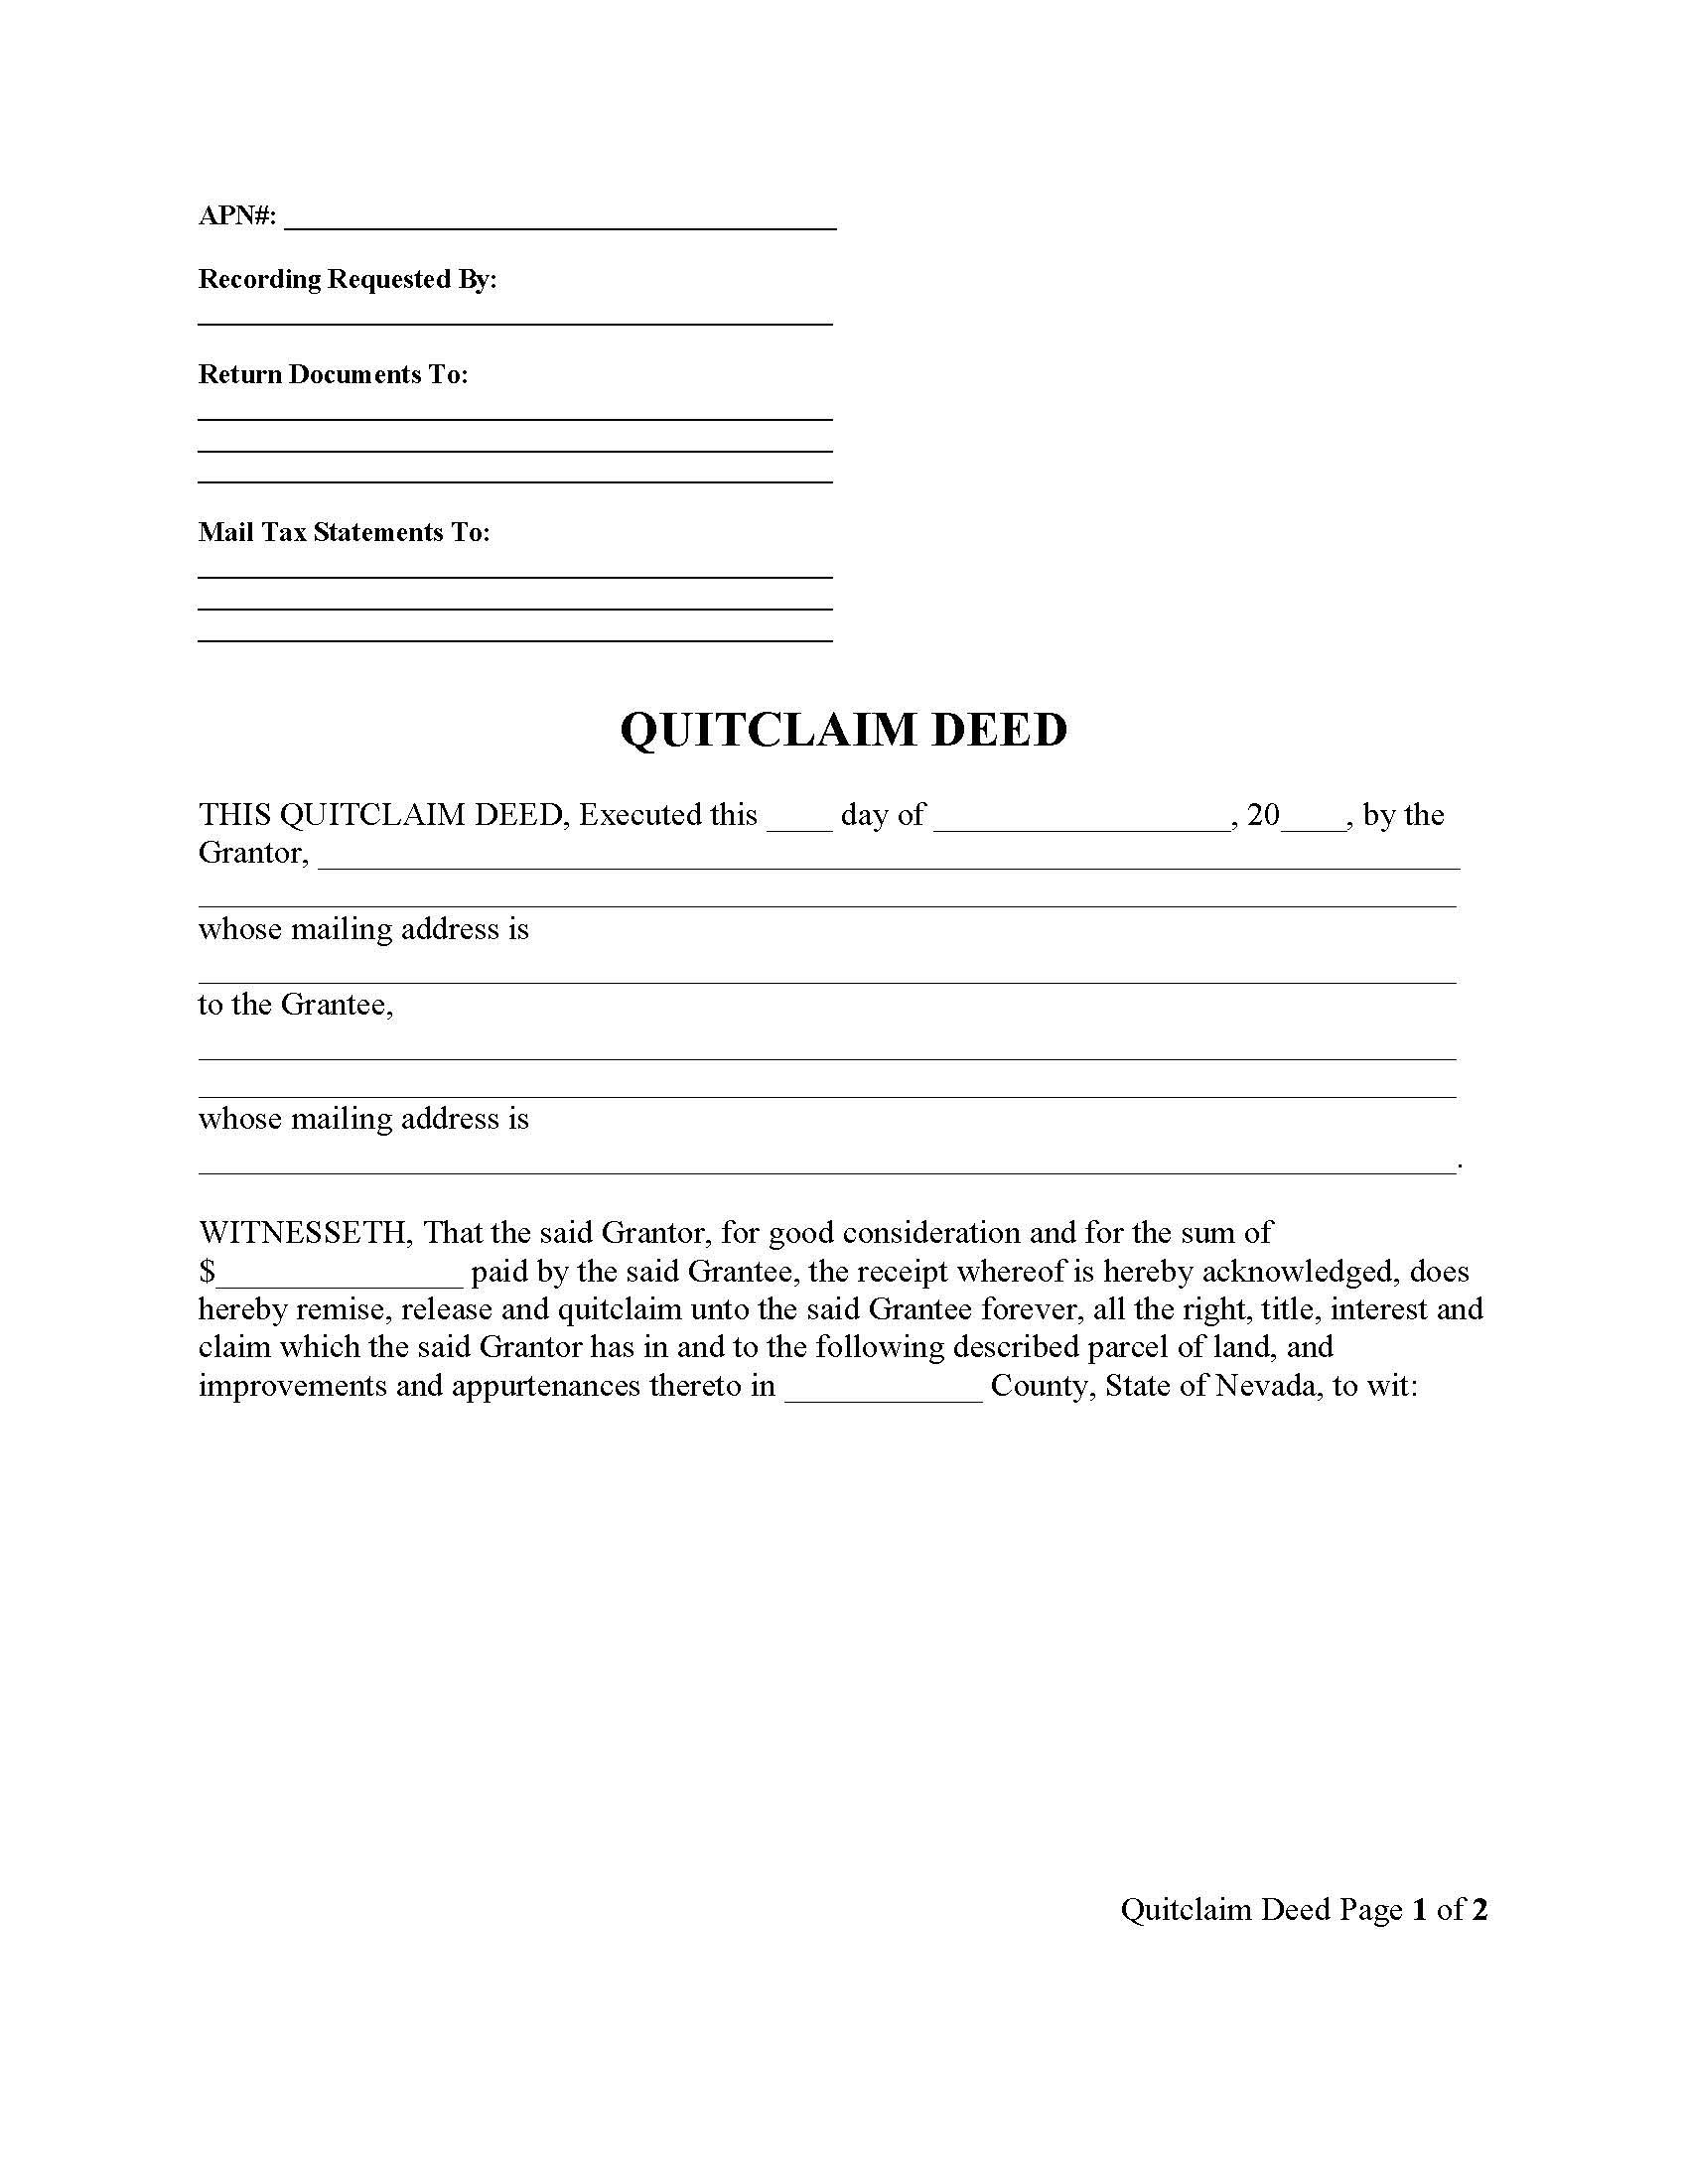 quit claim deed form nevada  Nevada Quit Claim Deed Form - Deed Forms : Deed Forms